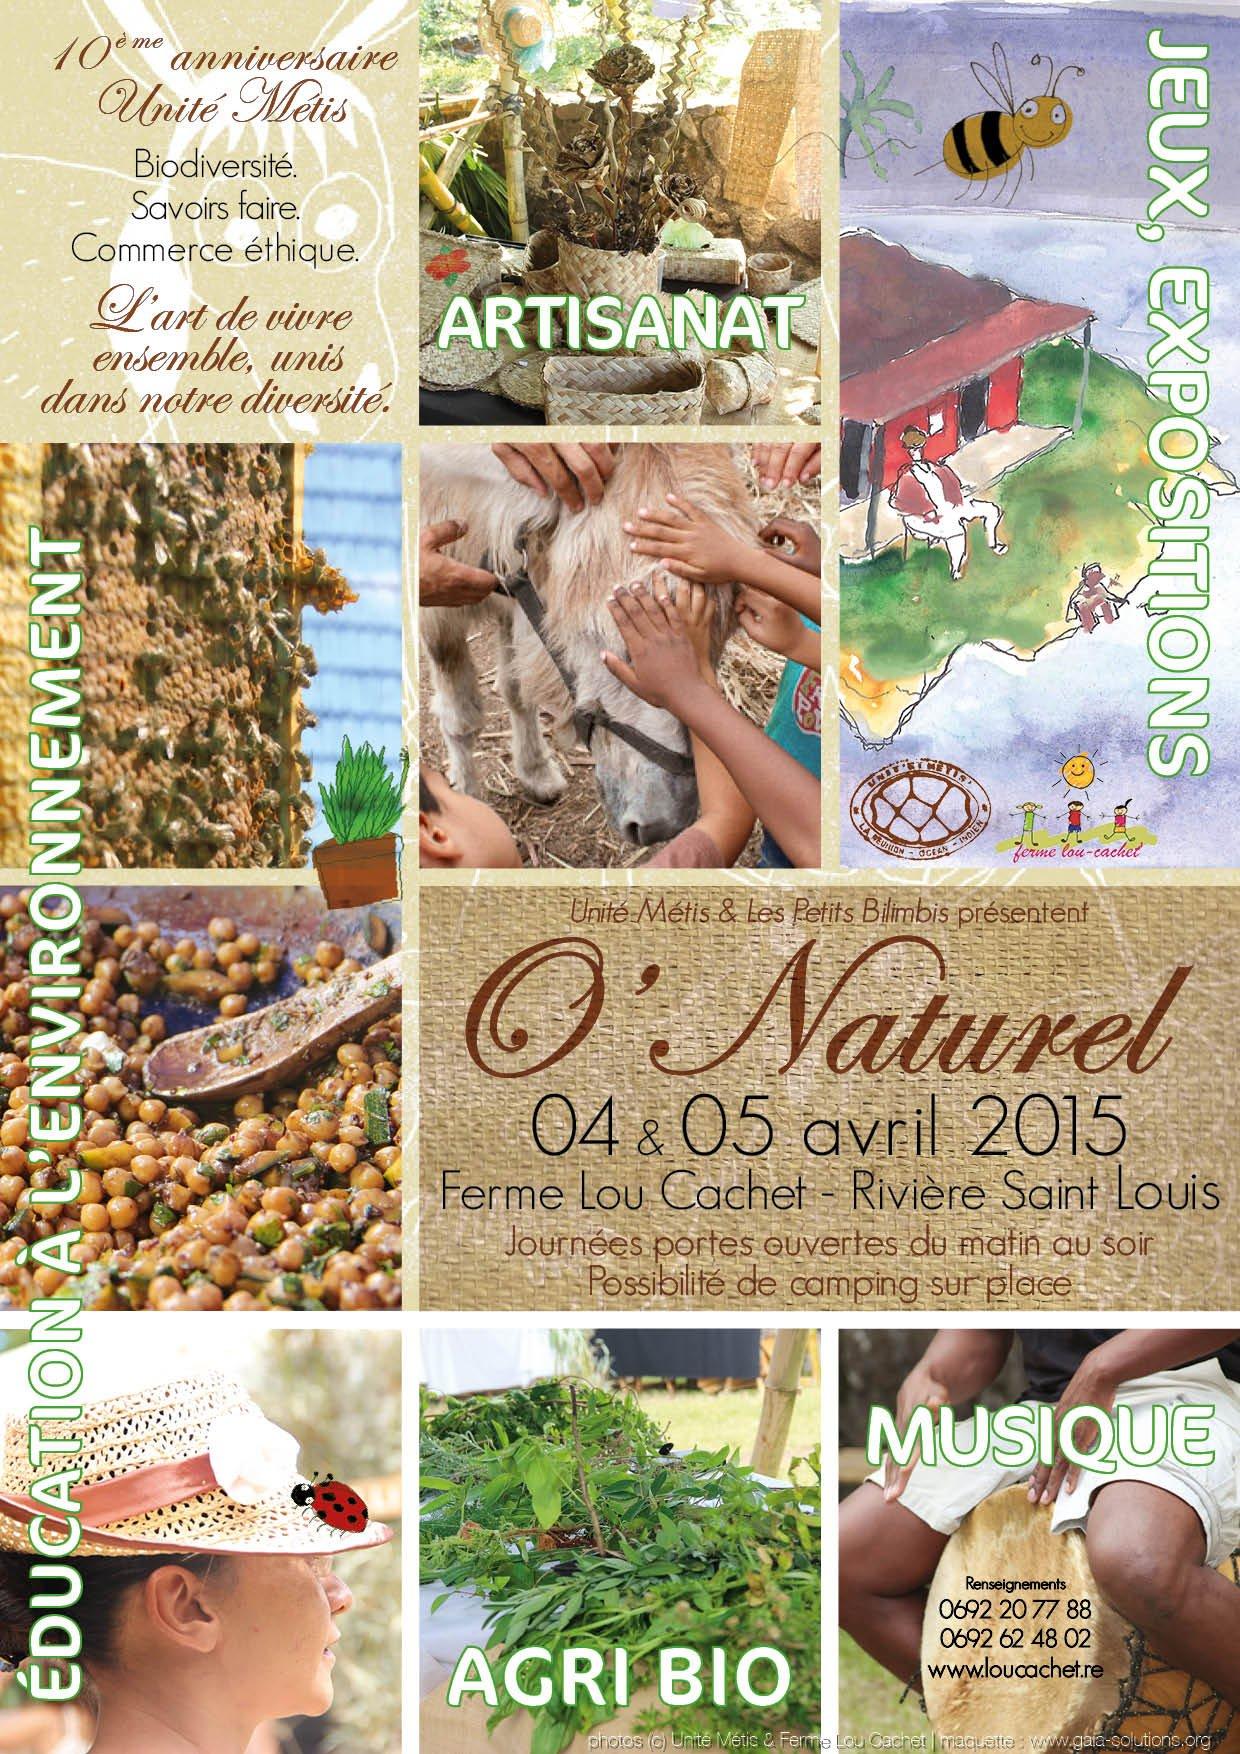 'O'Naturel' : L'événement à Lou Cachet